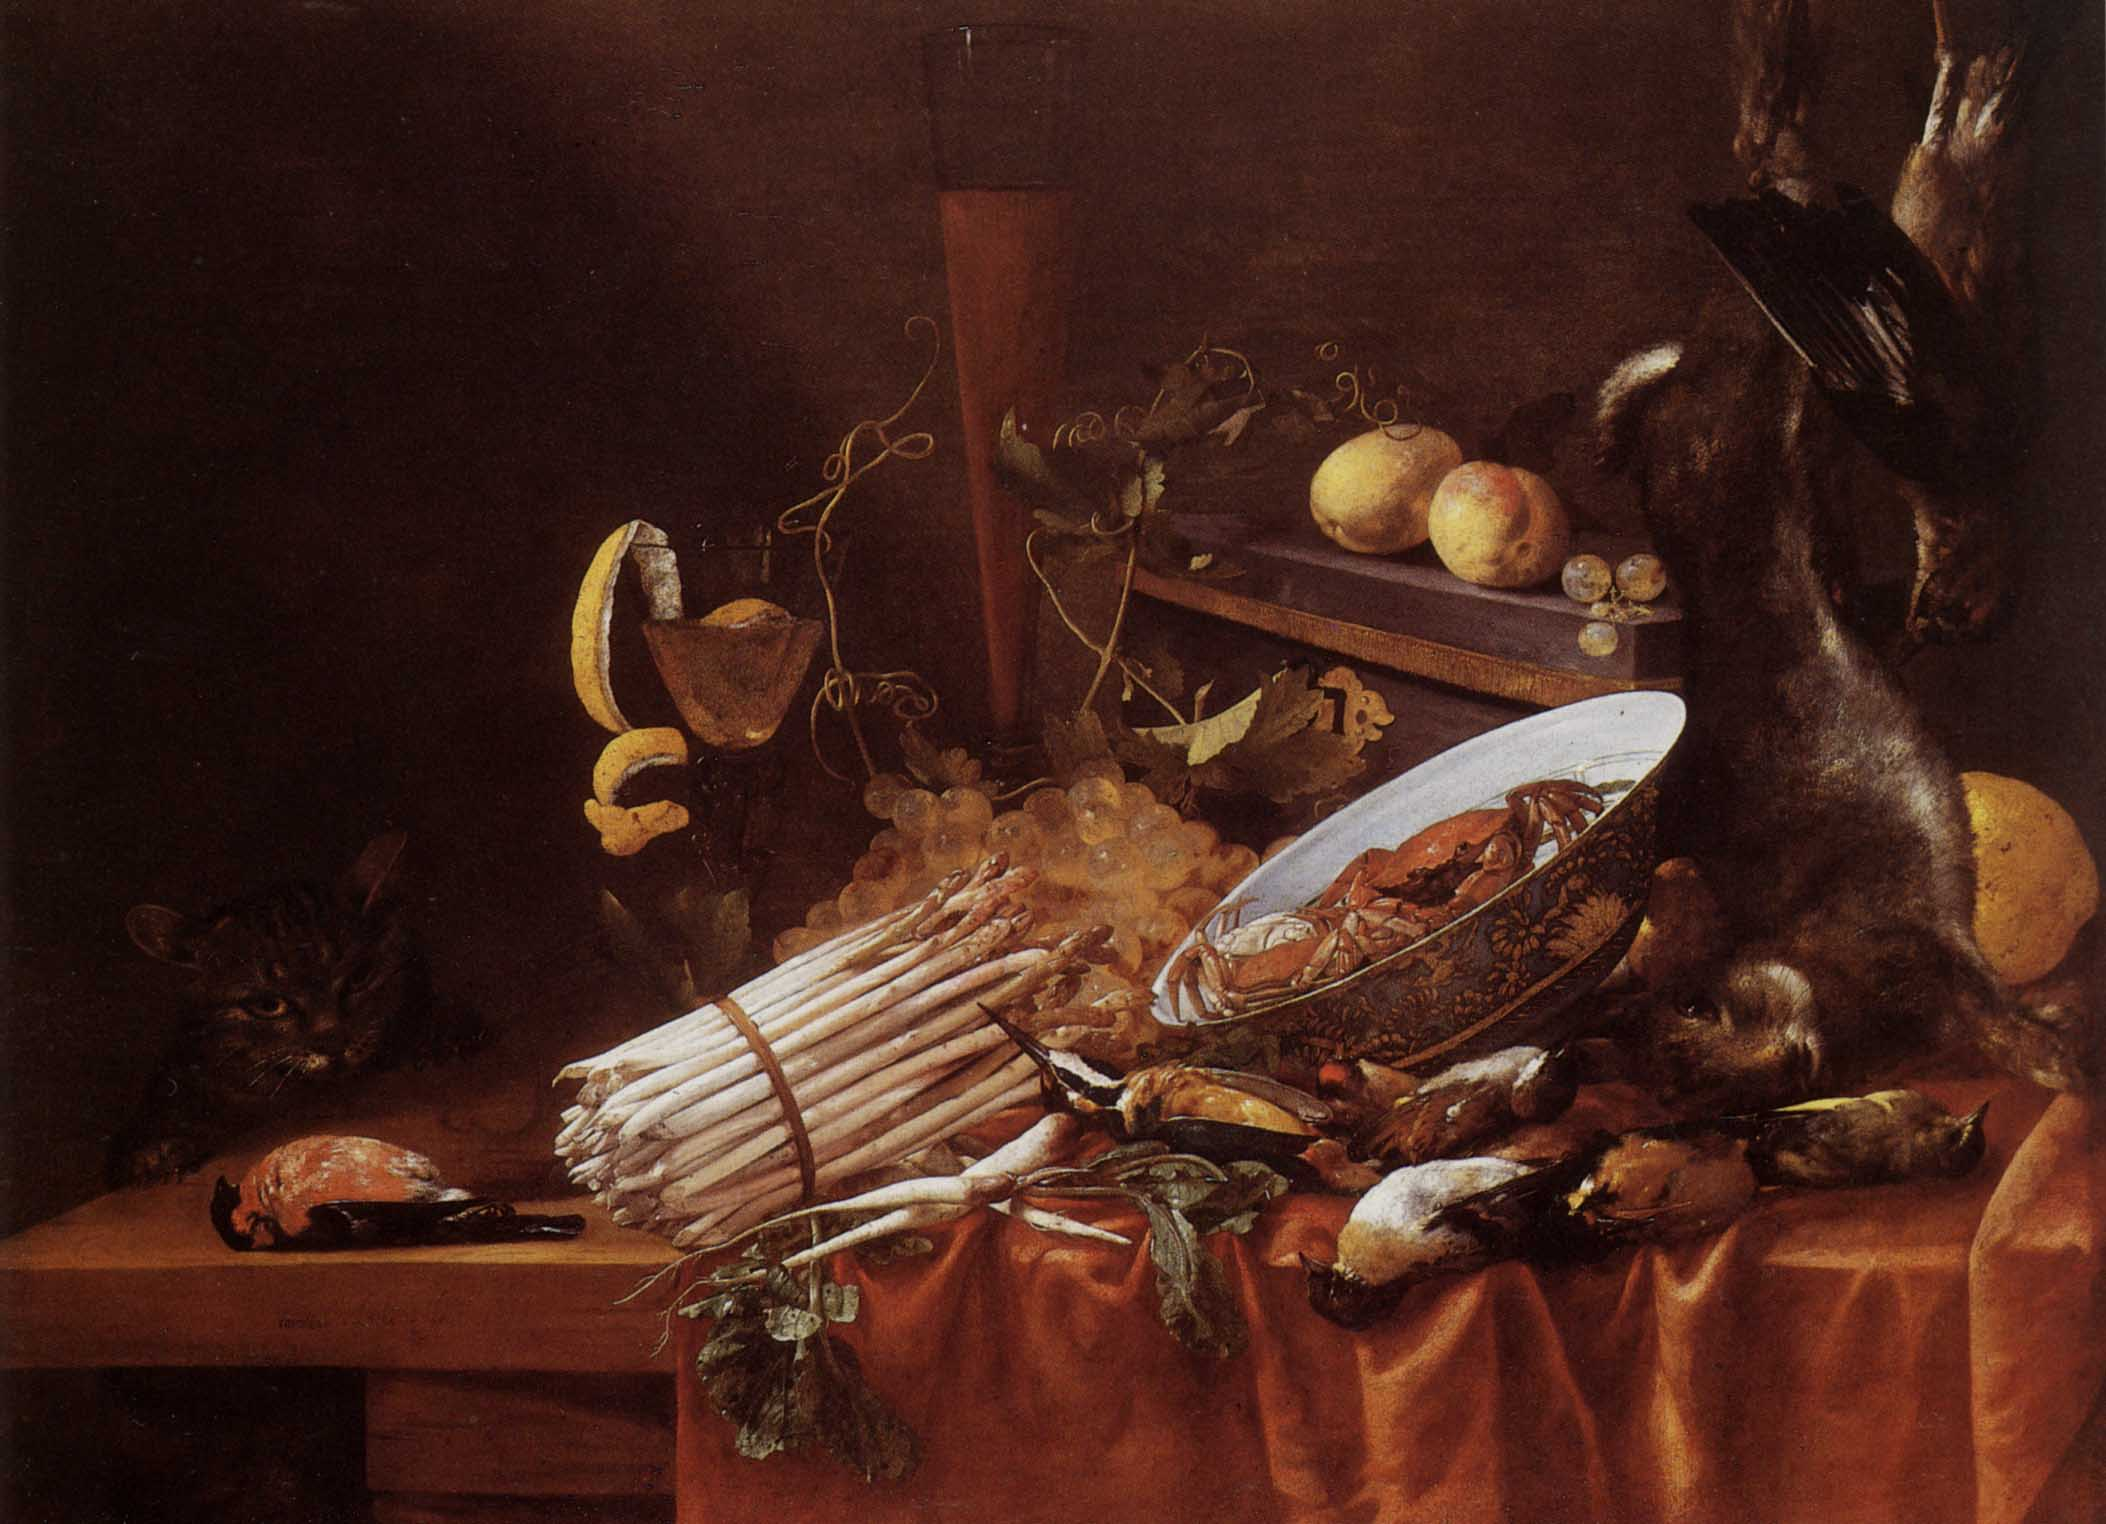 1352937666-1640-1680-cerstiaen-luyckx-gibier-g-poil-et-g-plumes-crustacgs-fruits-et-asperges-avec-un-chat-64.2x82.5-cm